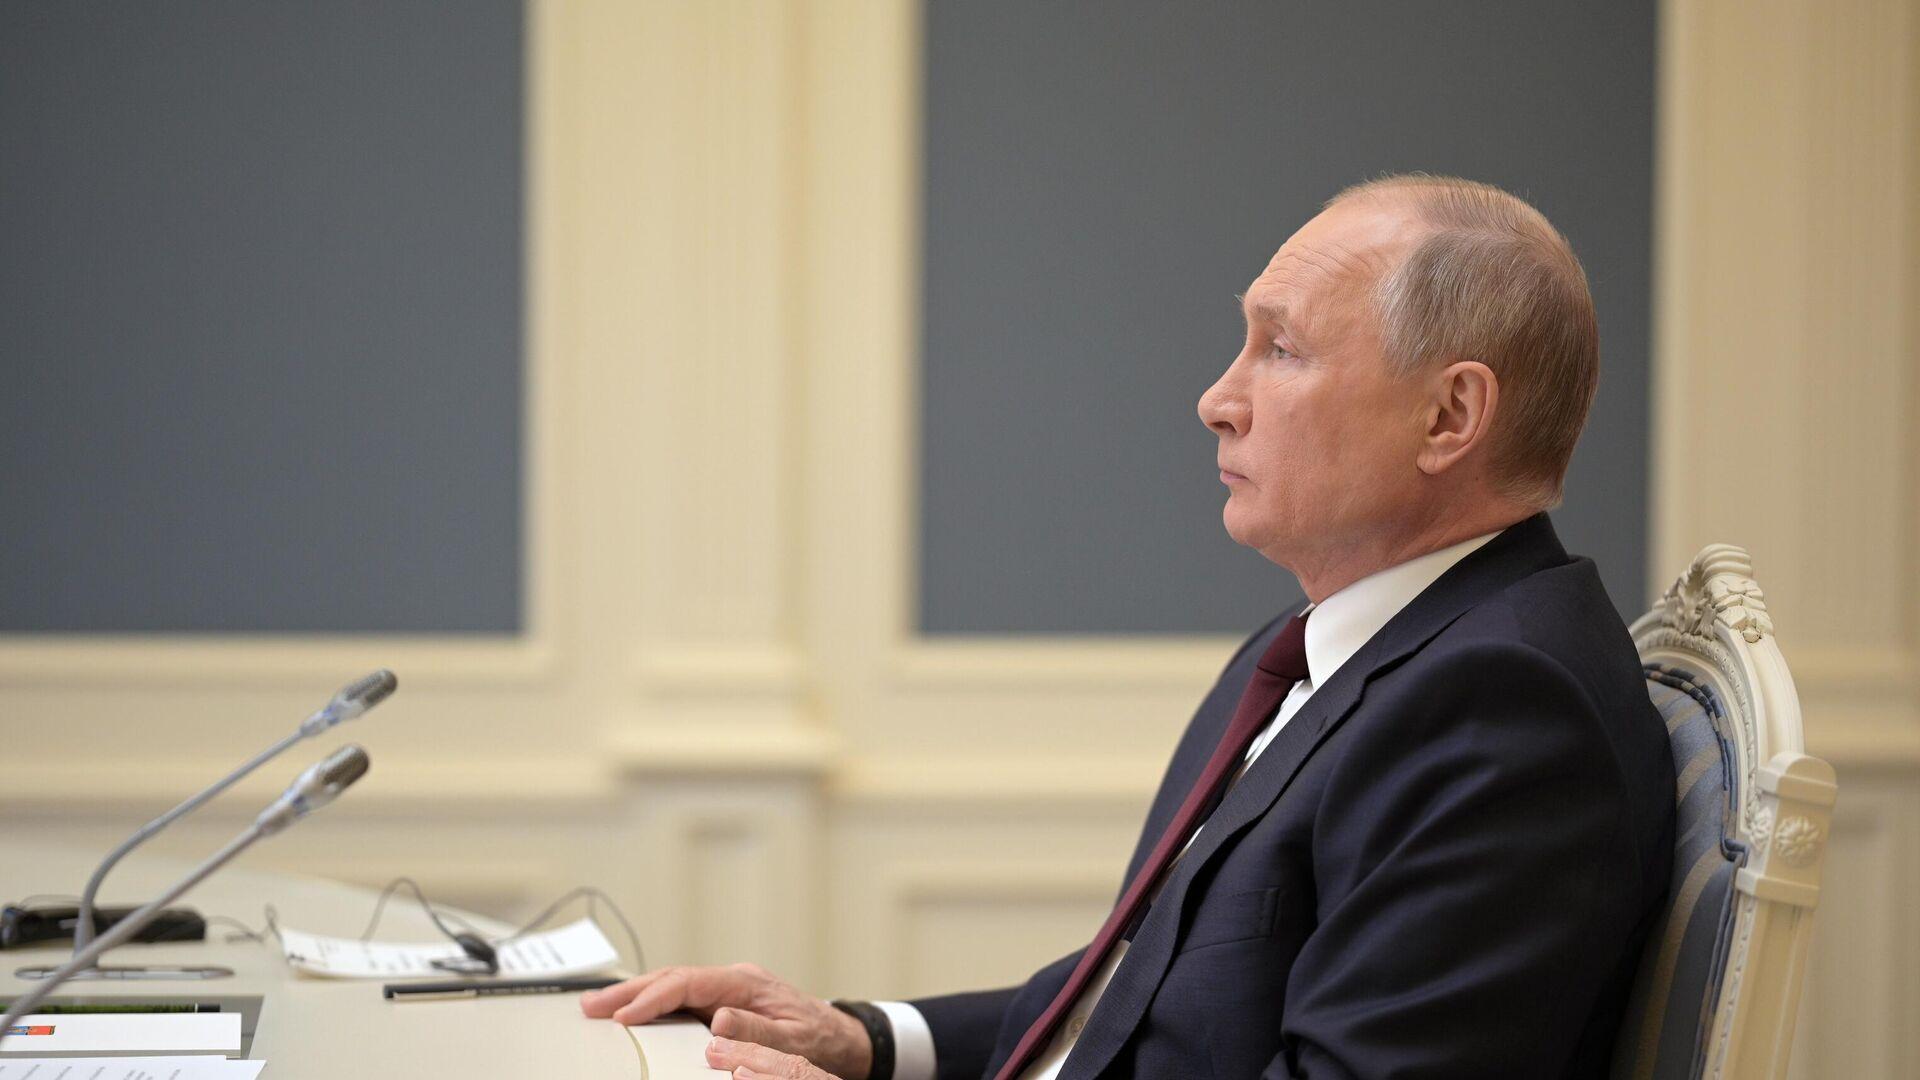 Президент РФ Владимир Путин принимает участие в Саммите лидеров по вопросам климата в формате видеоконференции - РИА Новости, 1920, 01.05.2021